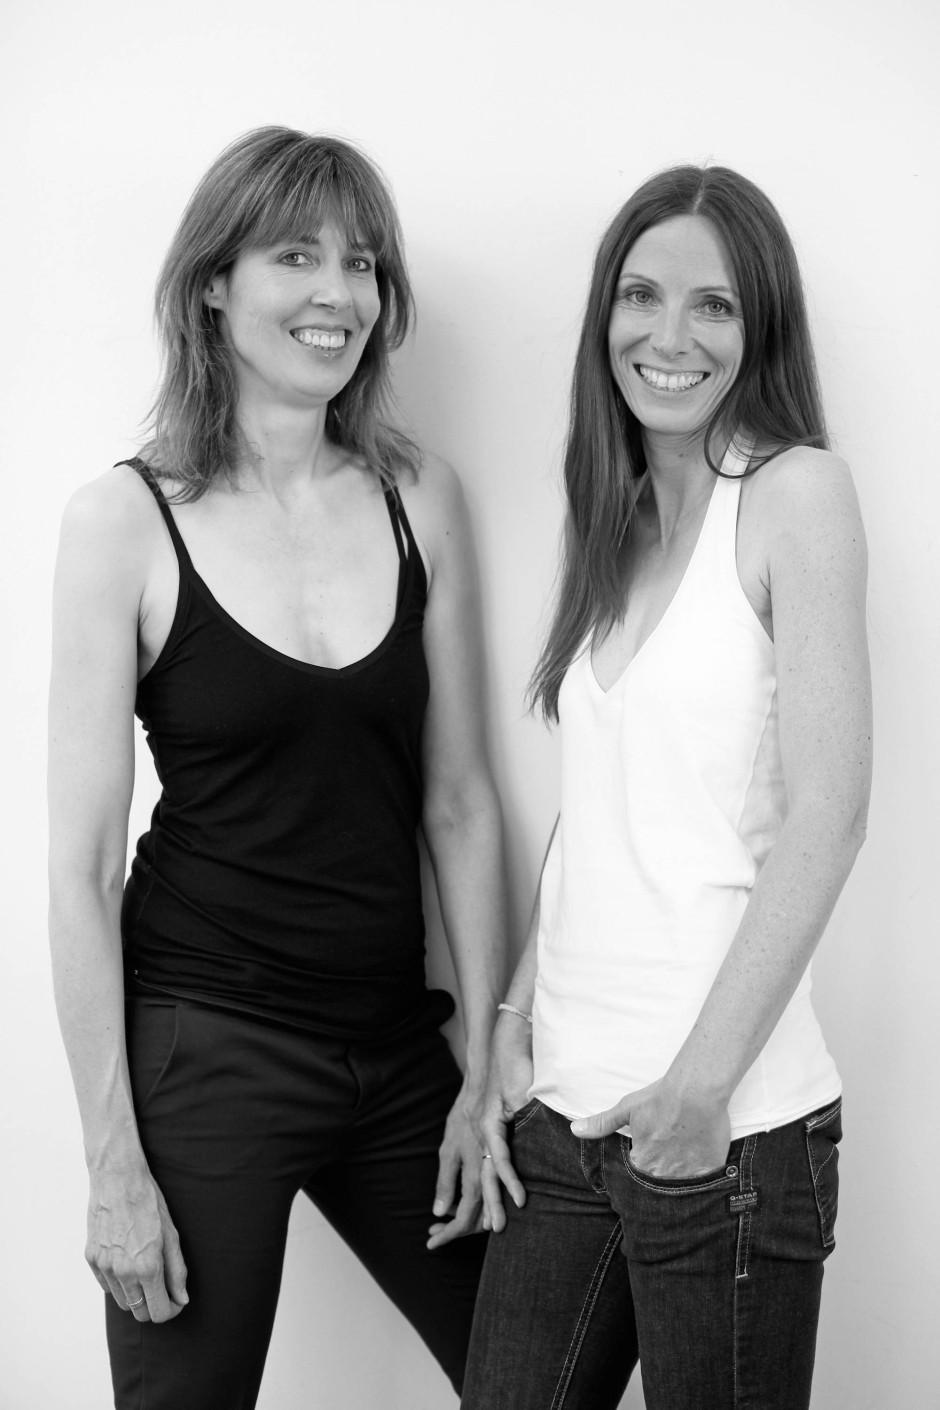 BHs für Frauen mit kleinen Brüsten: Gabriele Meinl und Bianca Renninger von Aikyou